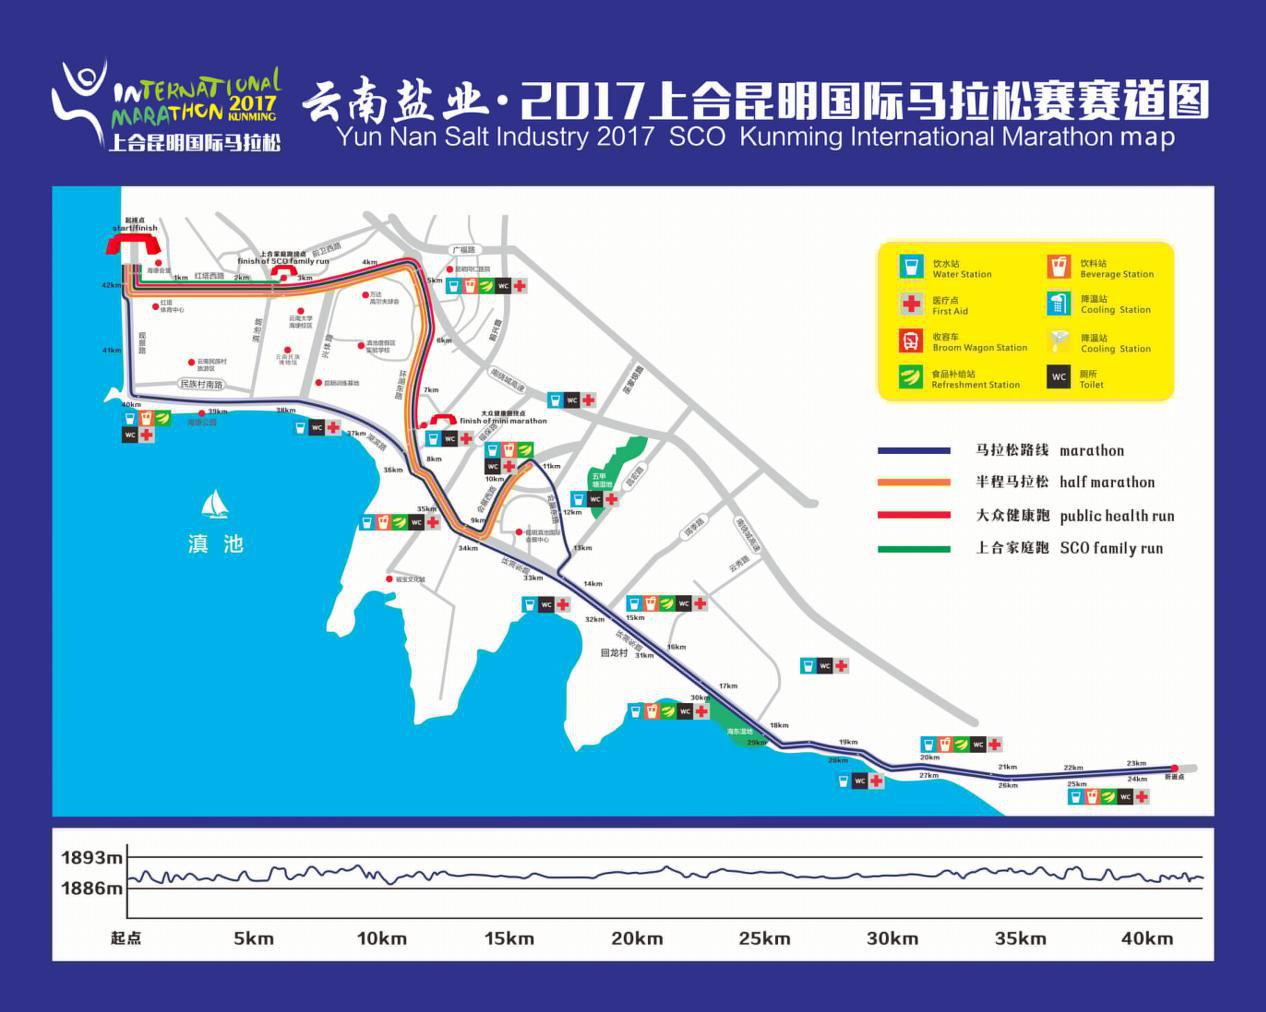 2017上合昆明国际马拉松路线图